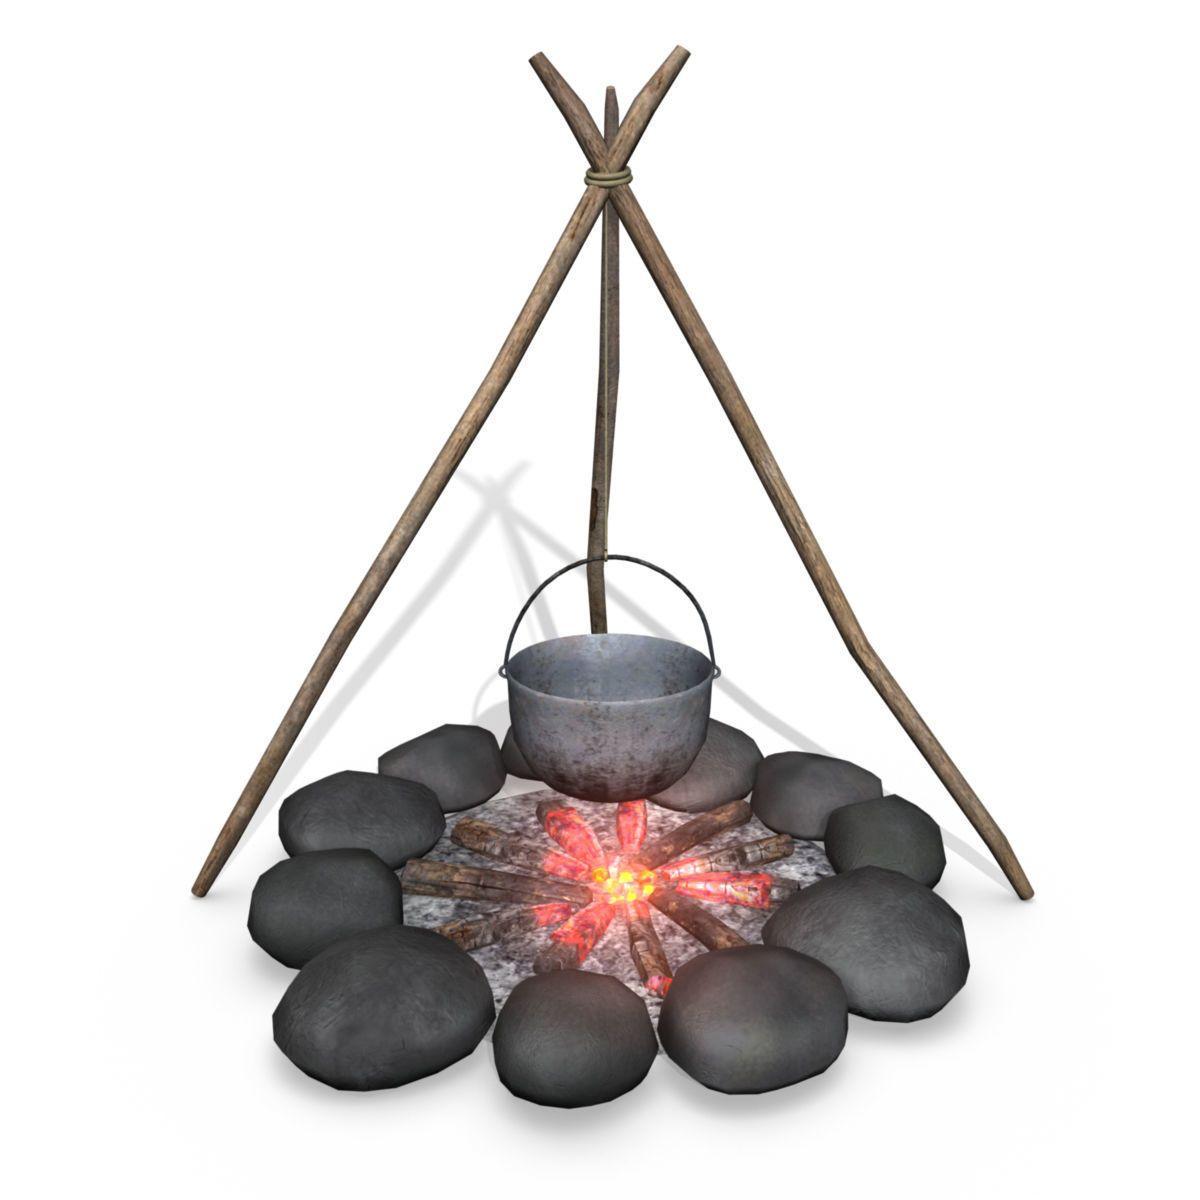 campfire 3d model lowpoly obj fbx ma mb mtl 2 Campfire